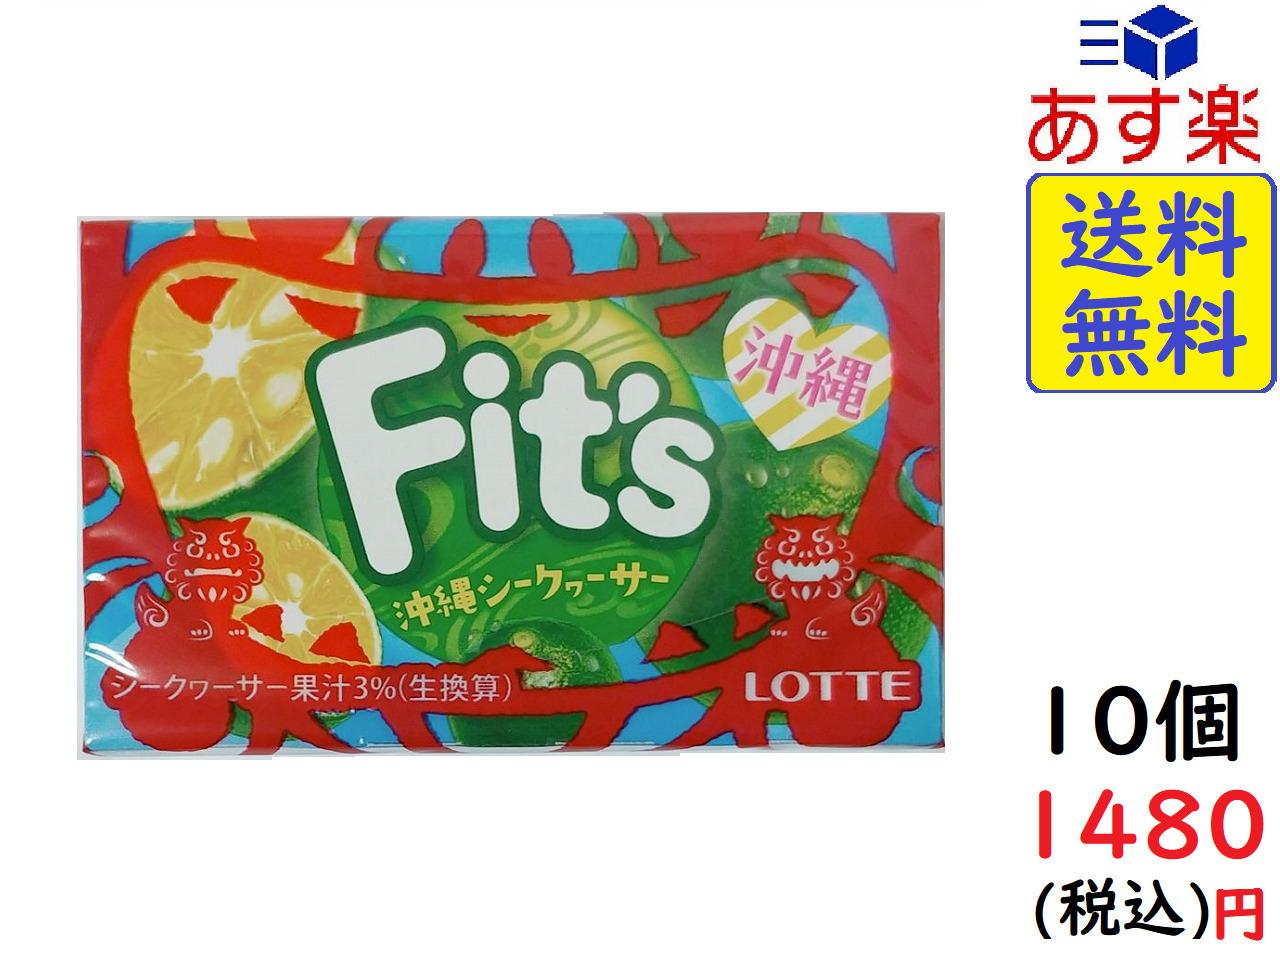 ロッテ Fit's フィッツ 沖縄シークヮーサー 12枚×10個